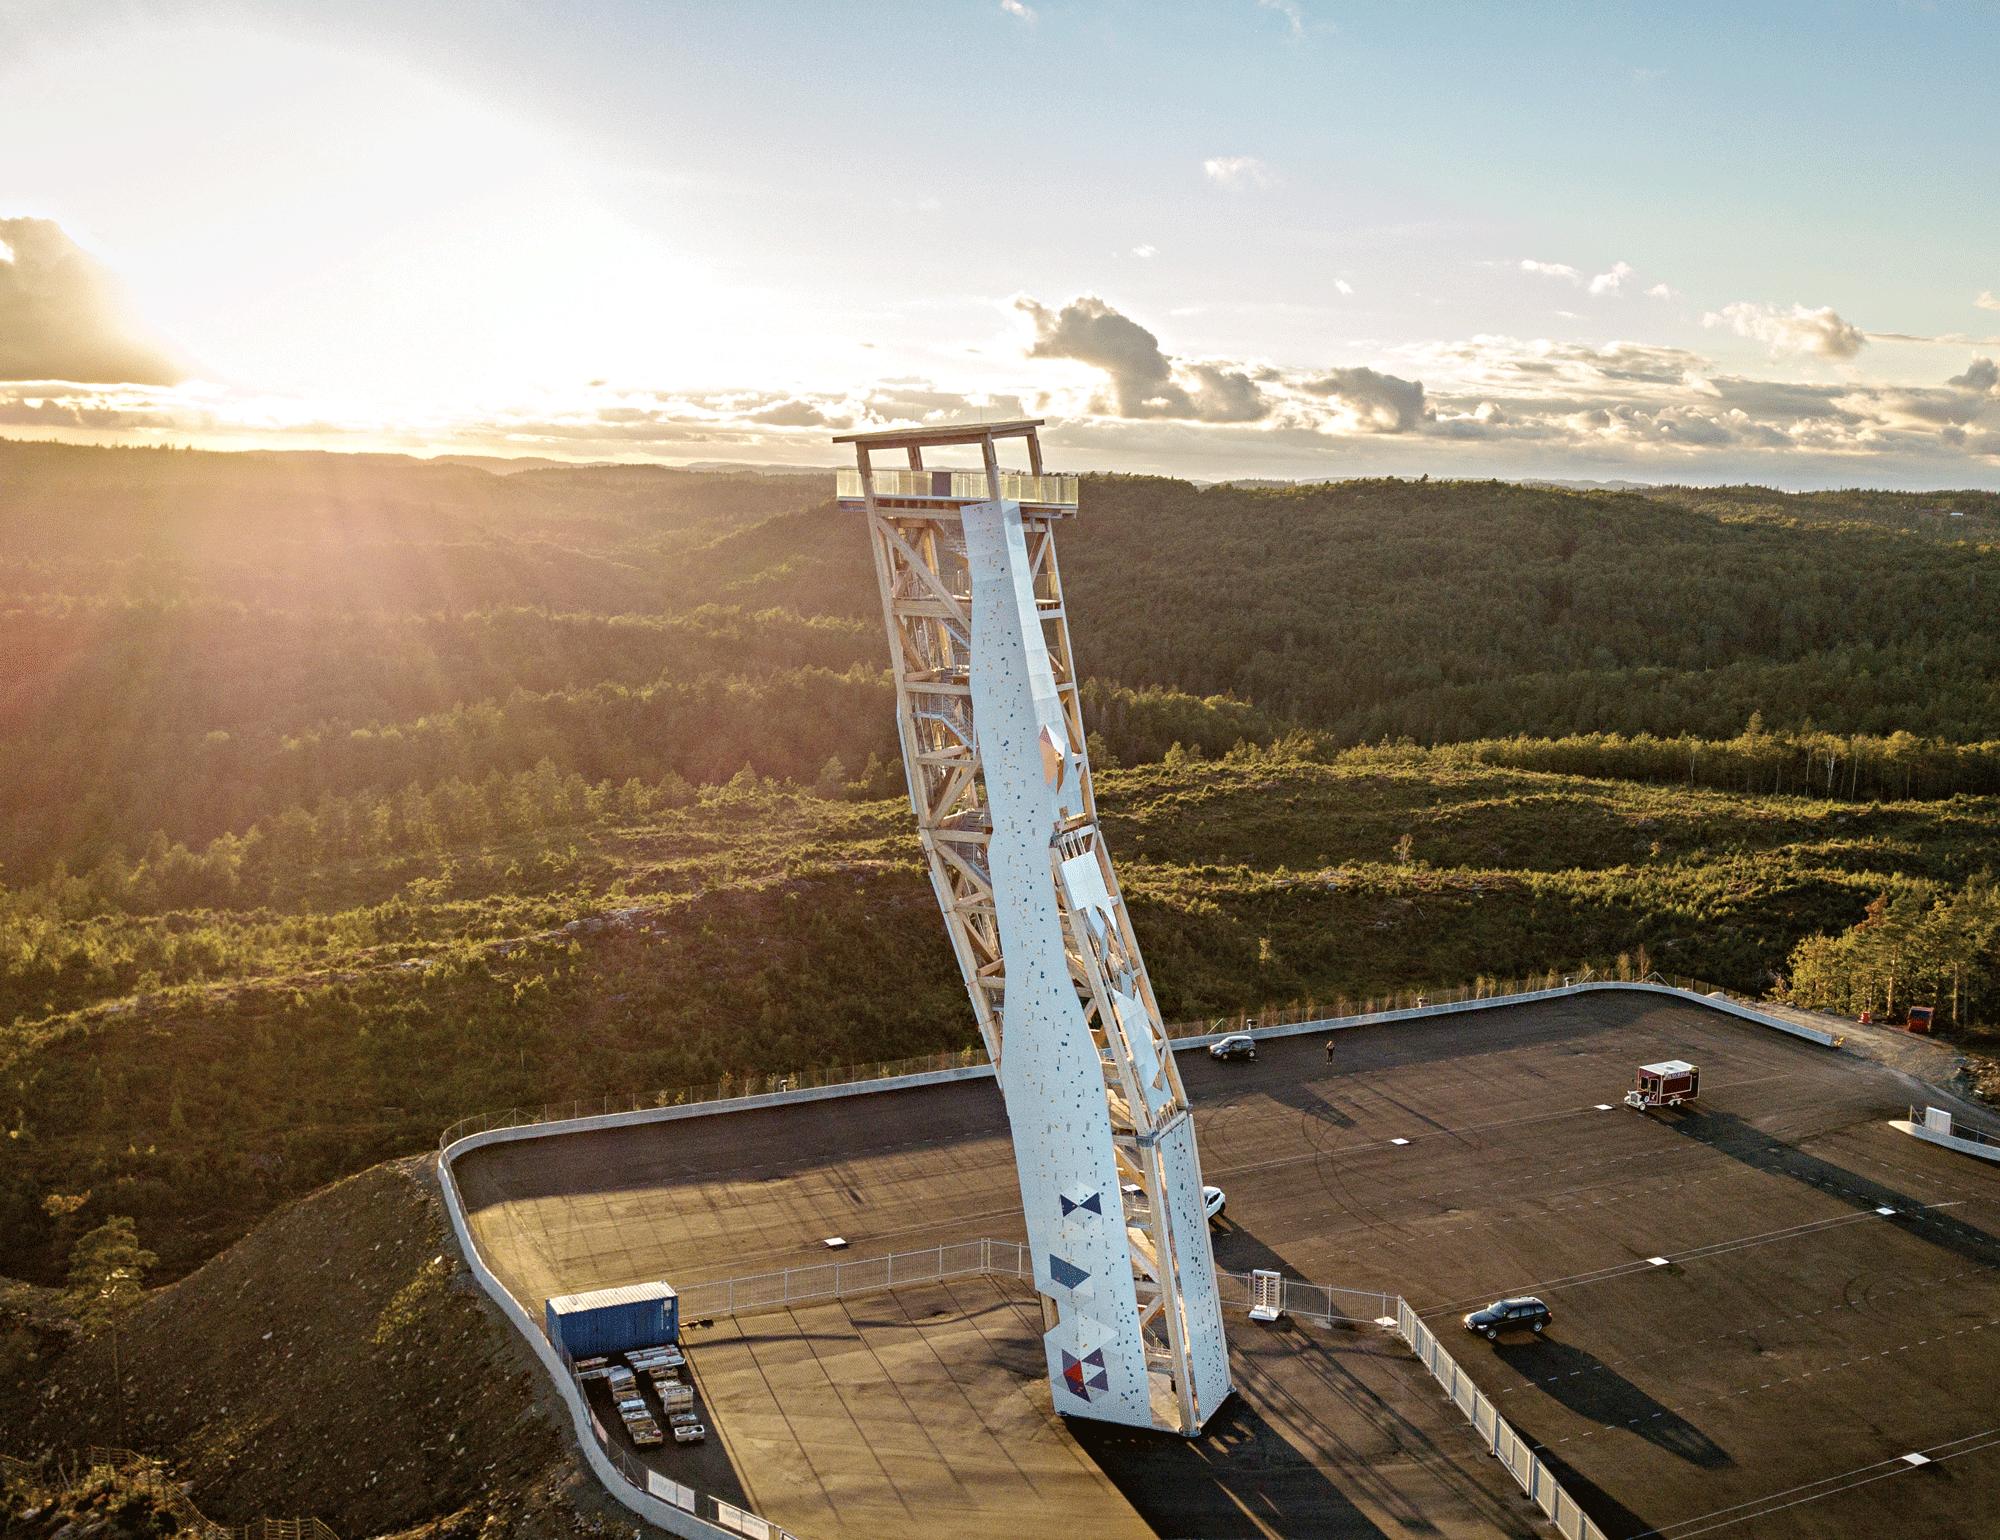 Har Bygget Verdens Høyeste Klatretårn I Lillesand